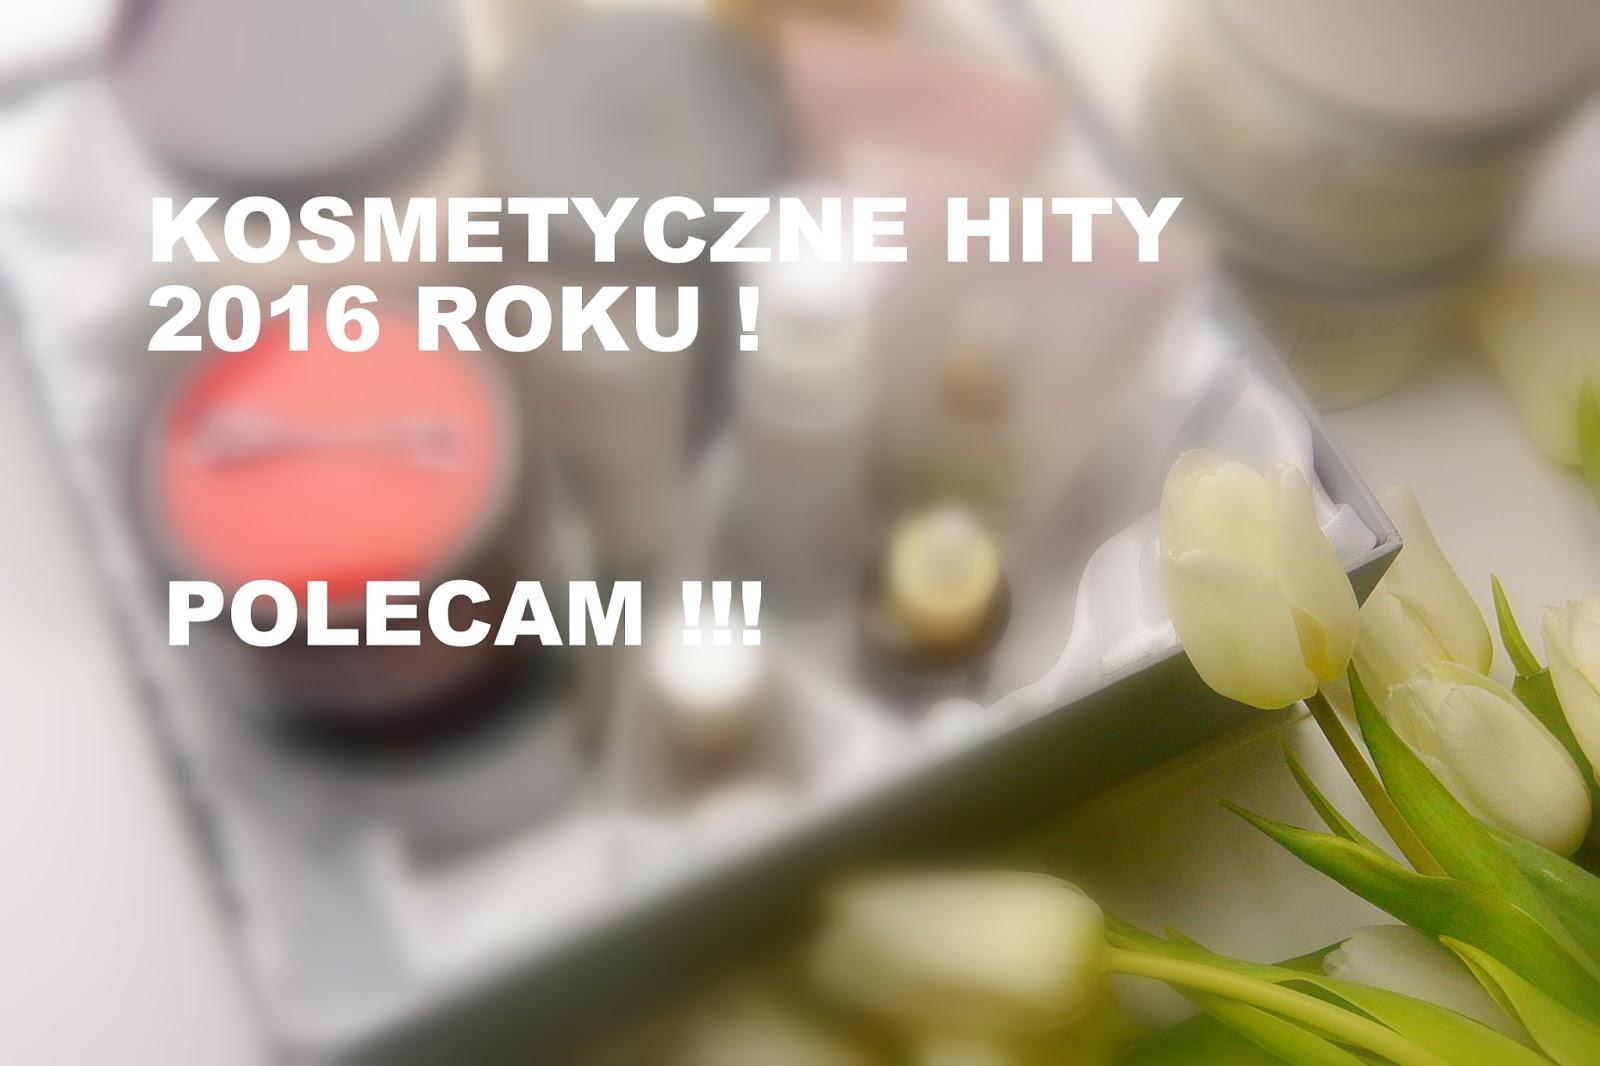 Kosmetyczne HITY 2016 roku | Pielęgnacja